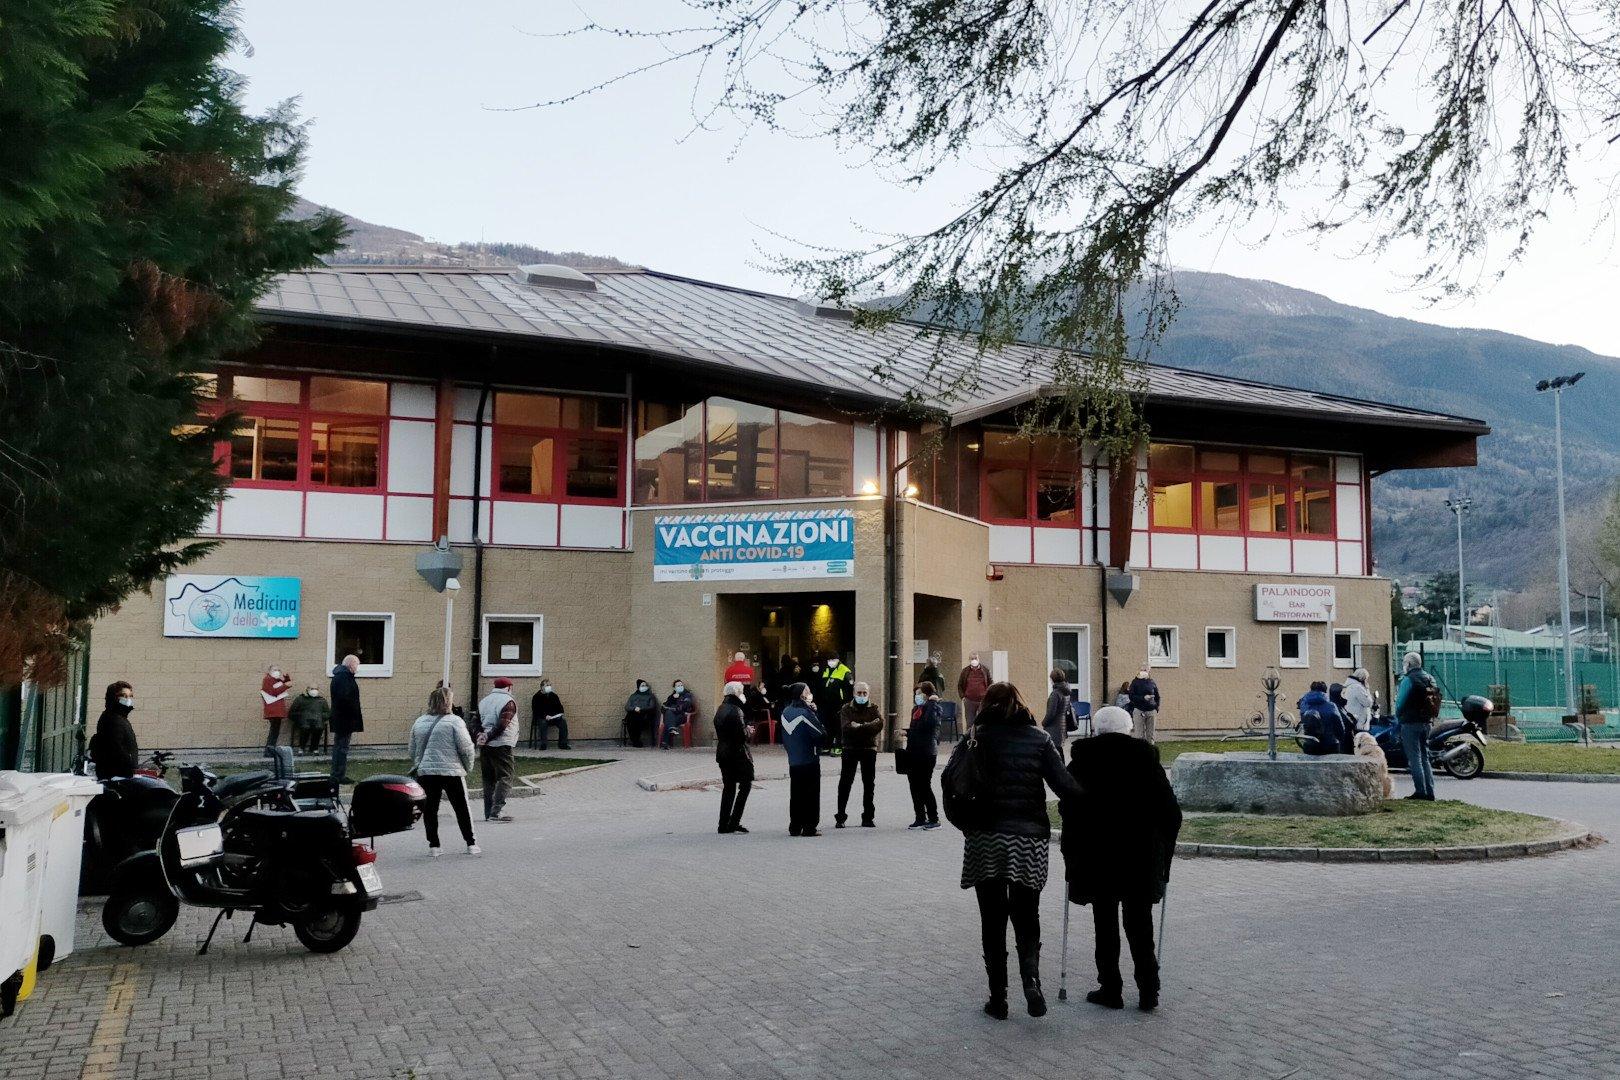 Annunciato l'arrivo, in Valle d'Aosta, di oltre seimila dosi in più di vaccino anti-covid: «riorganizziamo il Piano senza errori»